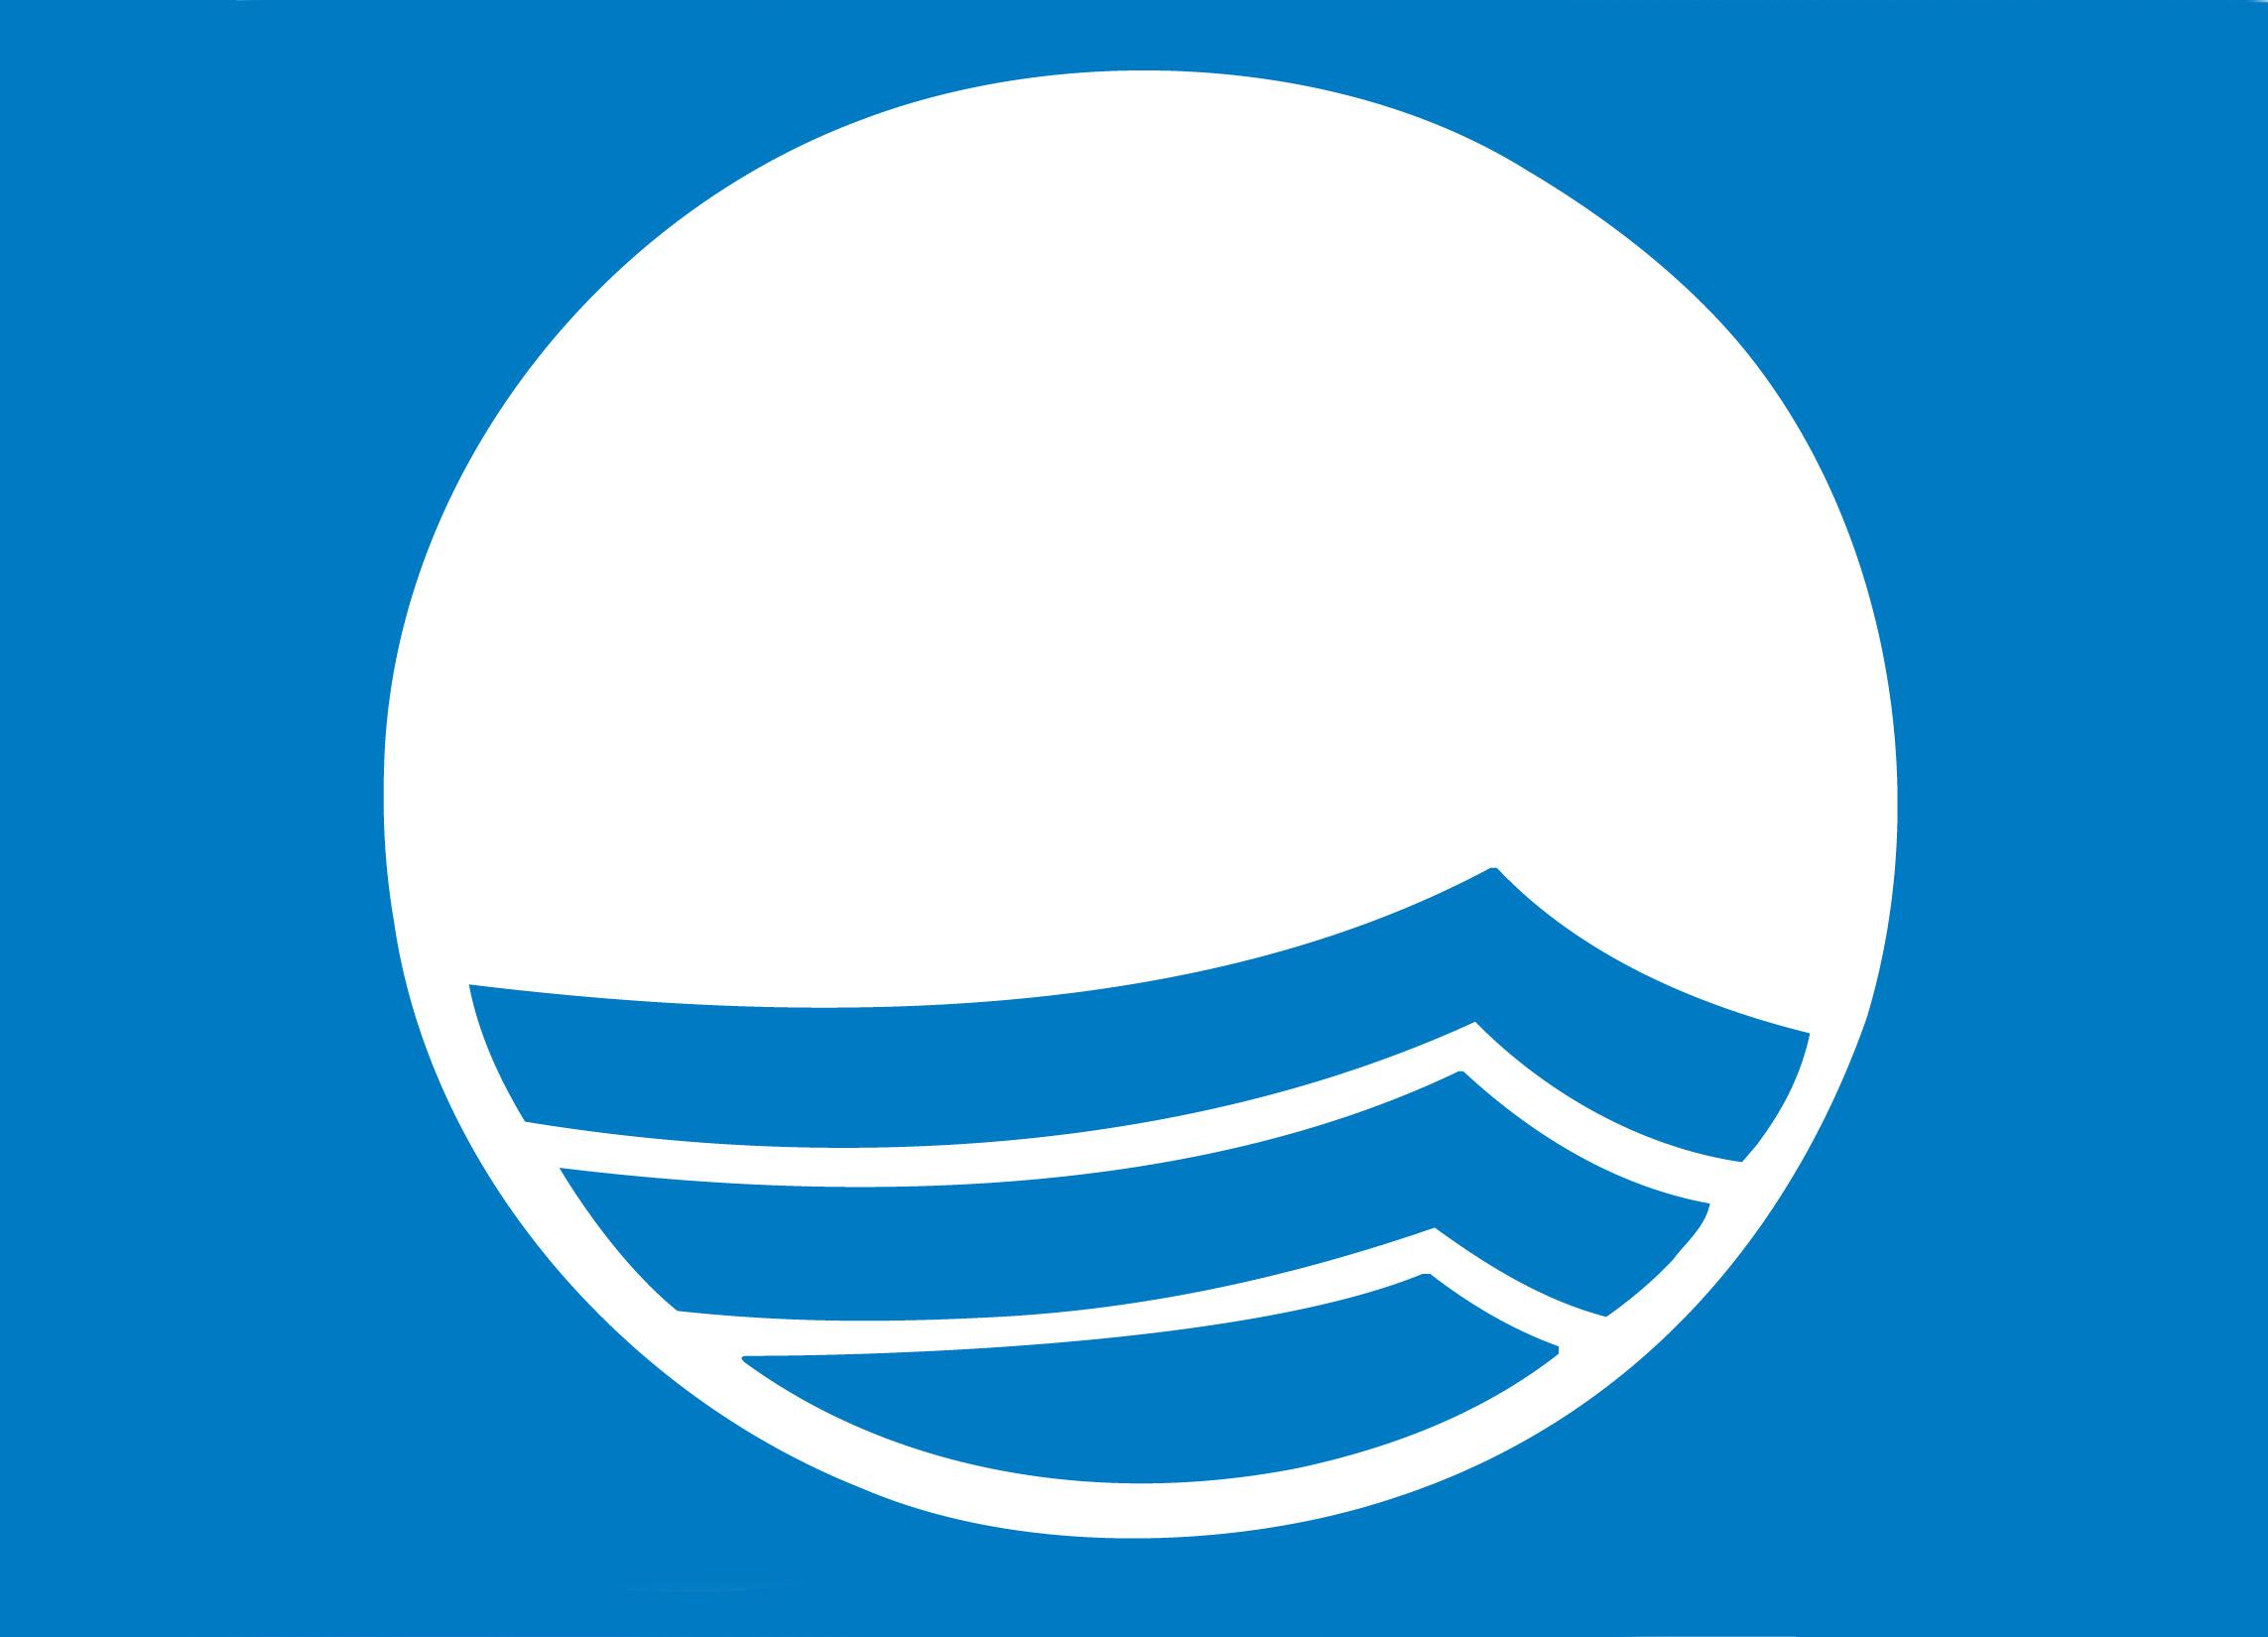 logo-bandiera-blu